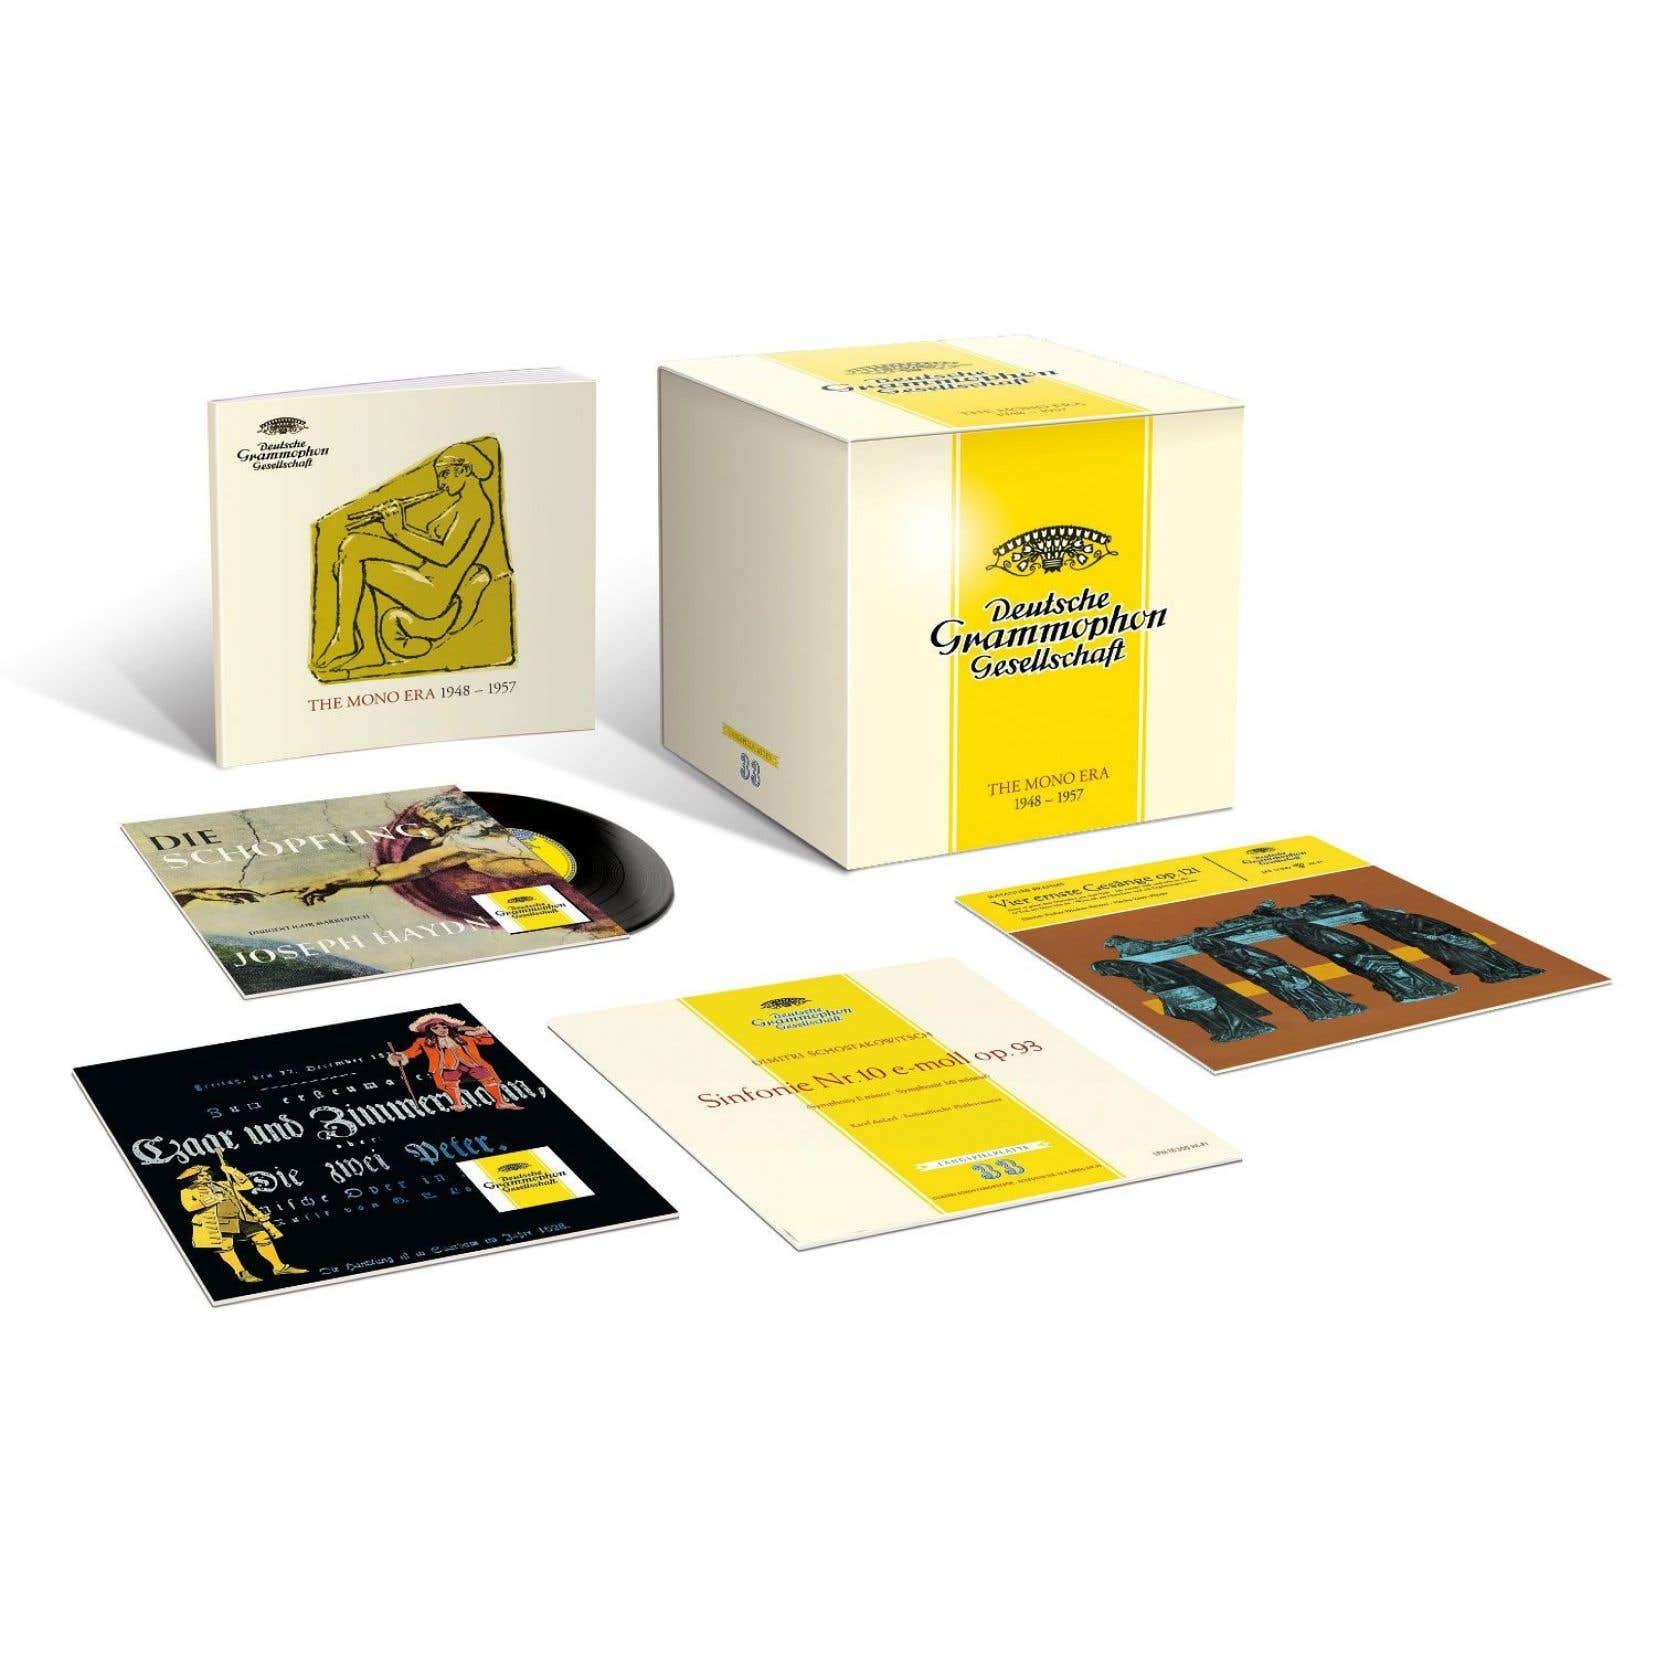 Le coffret cubique de 50cd regroupe des enregistrements monophoniques de l'après-guerre.